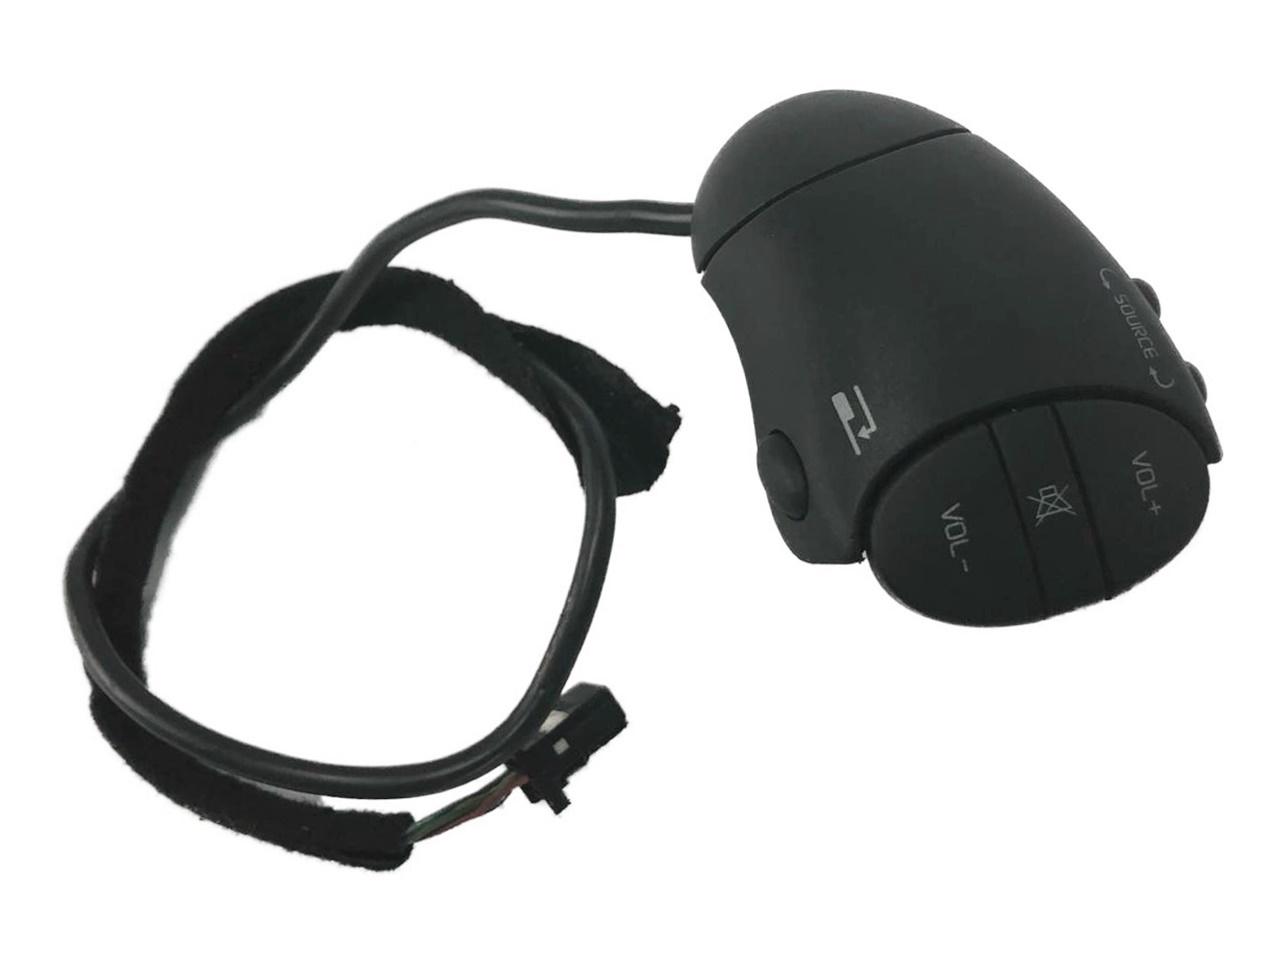 Comando Controle de Som Joystick do Volante 34599801 Renault Clio Scenic 99 00 01 02 03 04 05 06